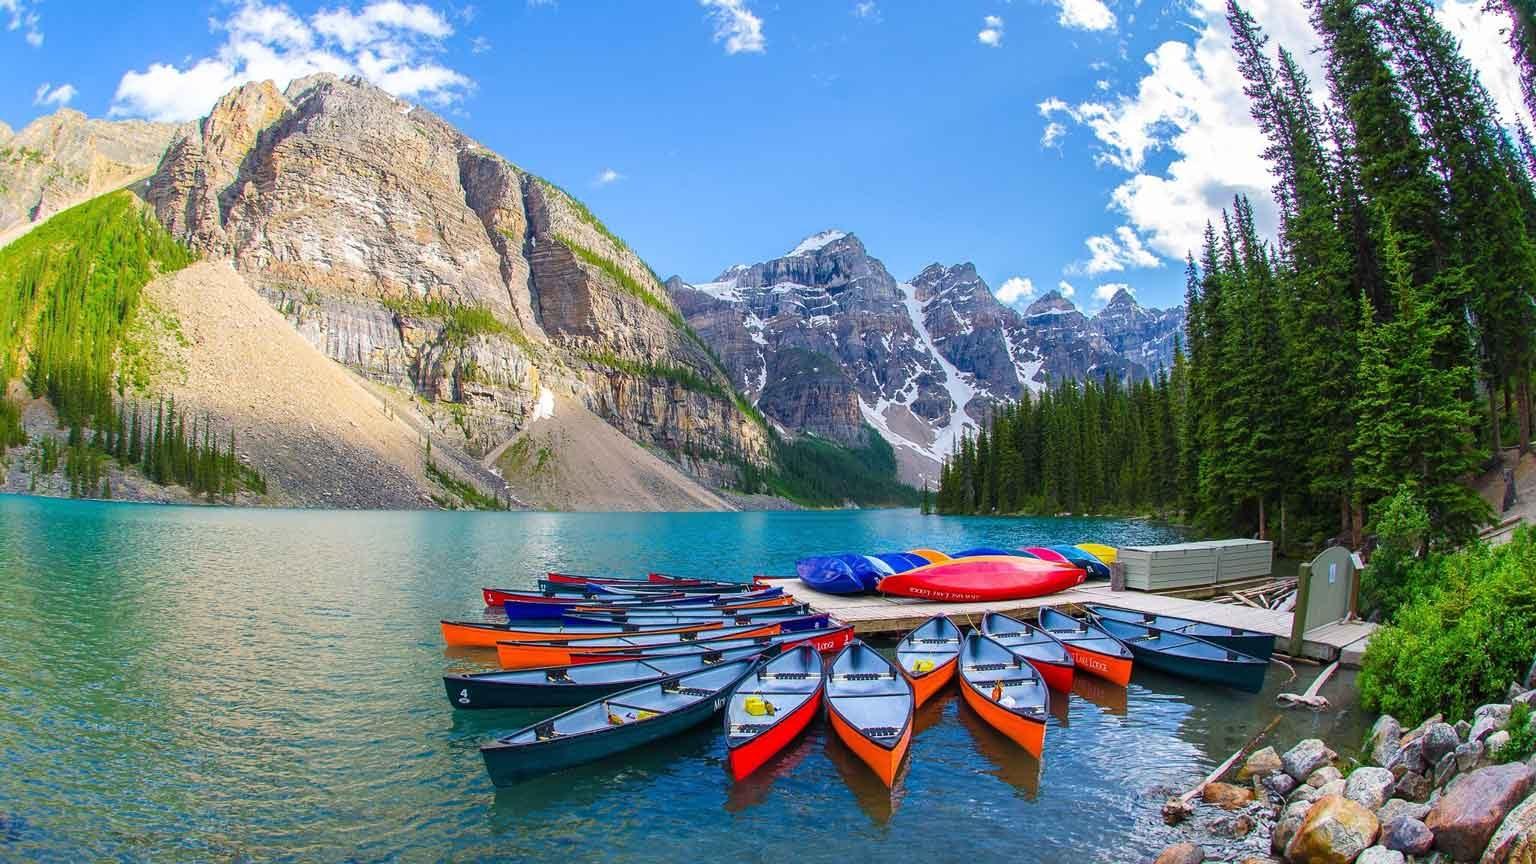 Boats Moored On Shore, Canada, Calgary